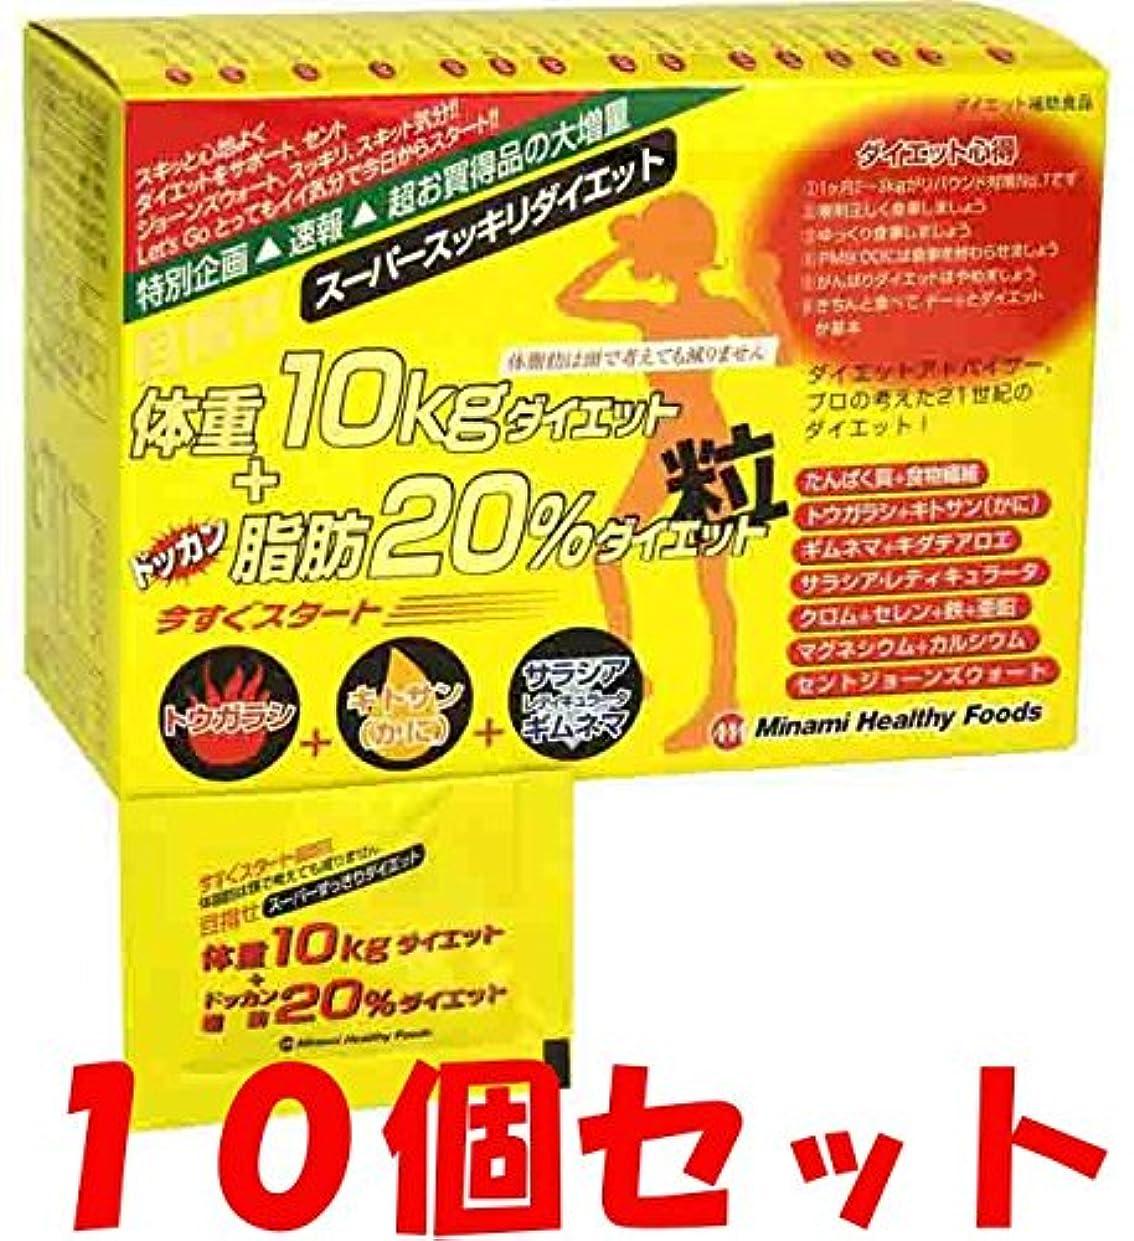 チップホールドオールチップ【10個セット】目指せ体重10kgダイエット+ドッカン脂肪20%ダイエット粒 6粒×75袋